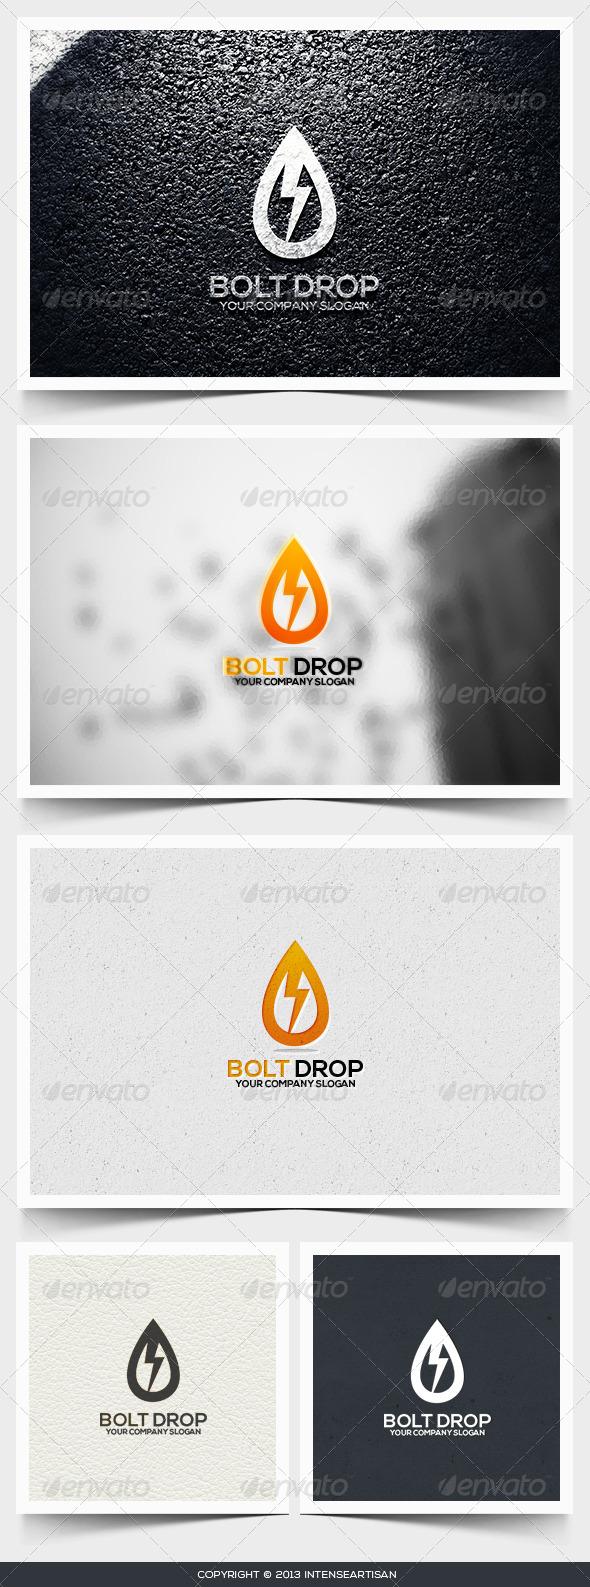 GraphicRiver Bolt Drop Logo Template 6545844